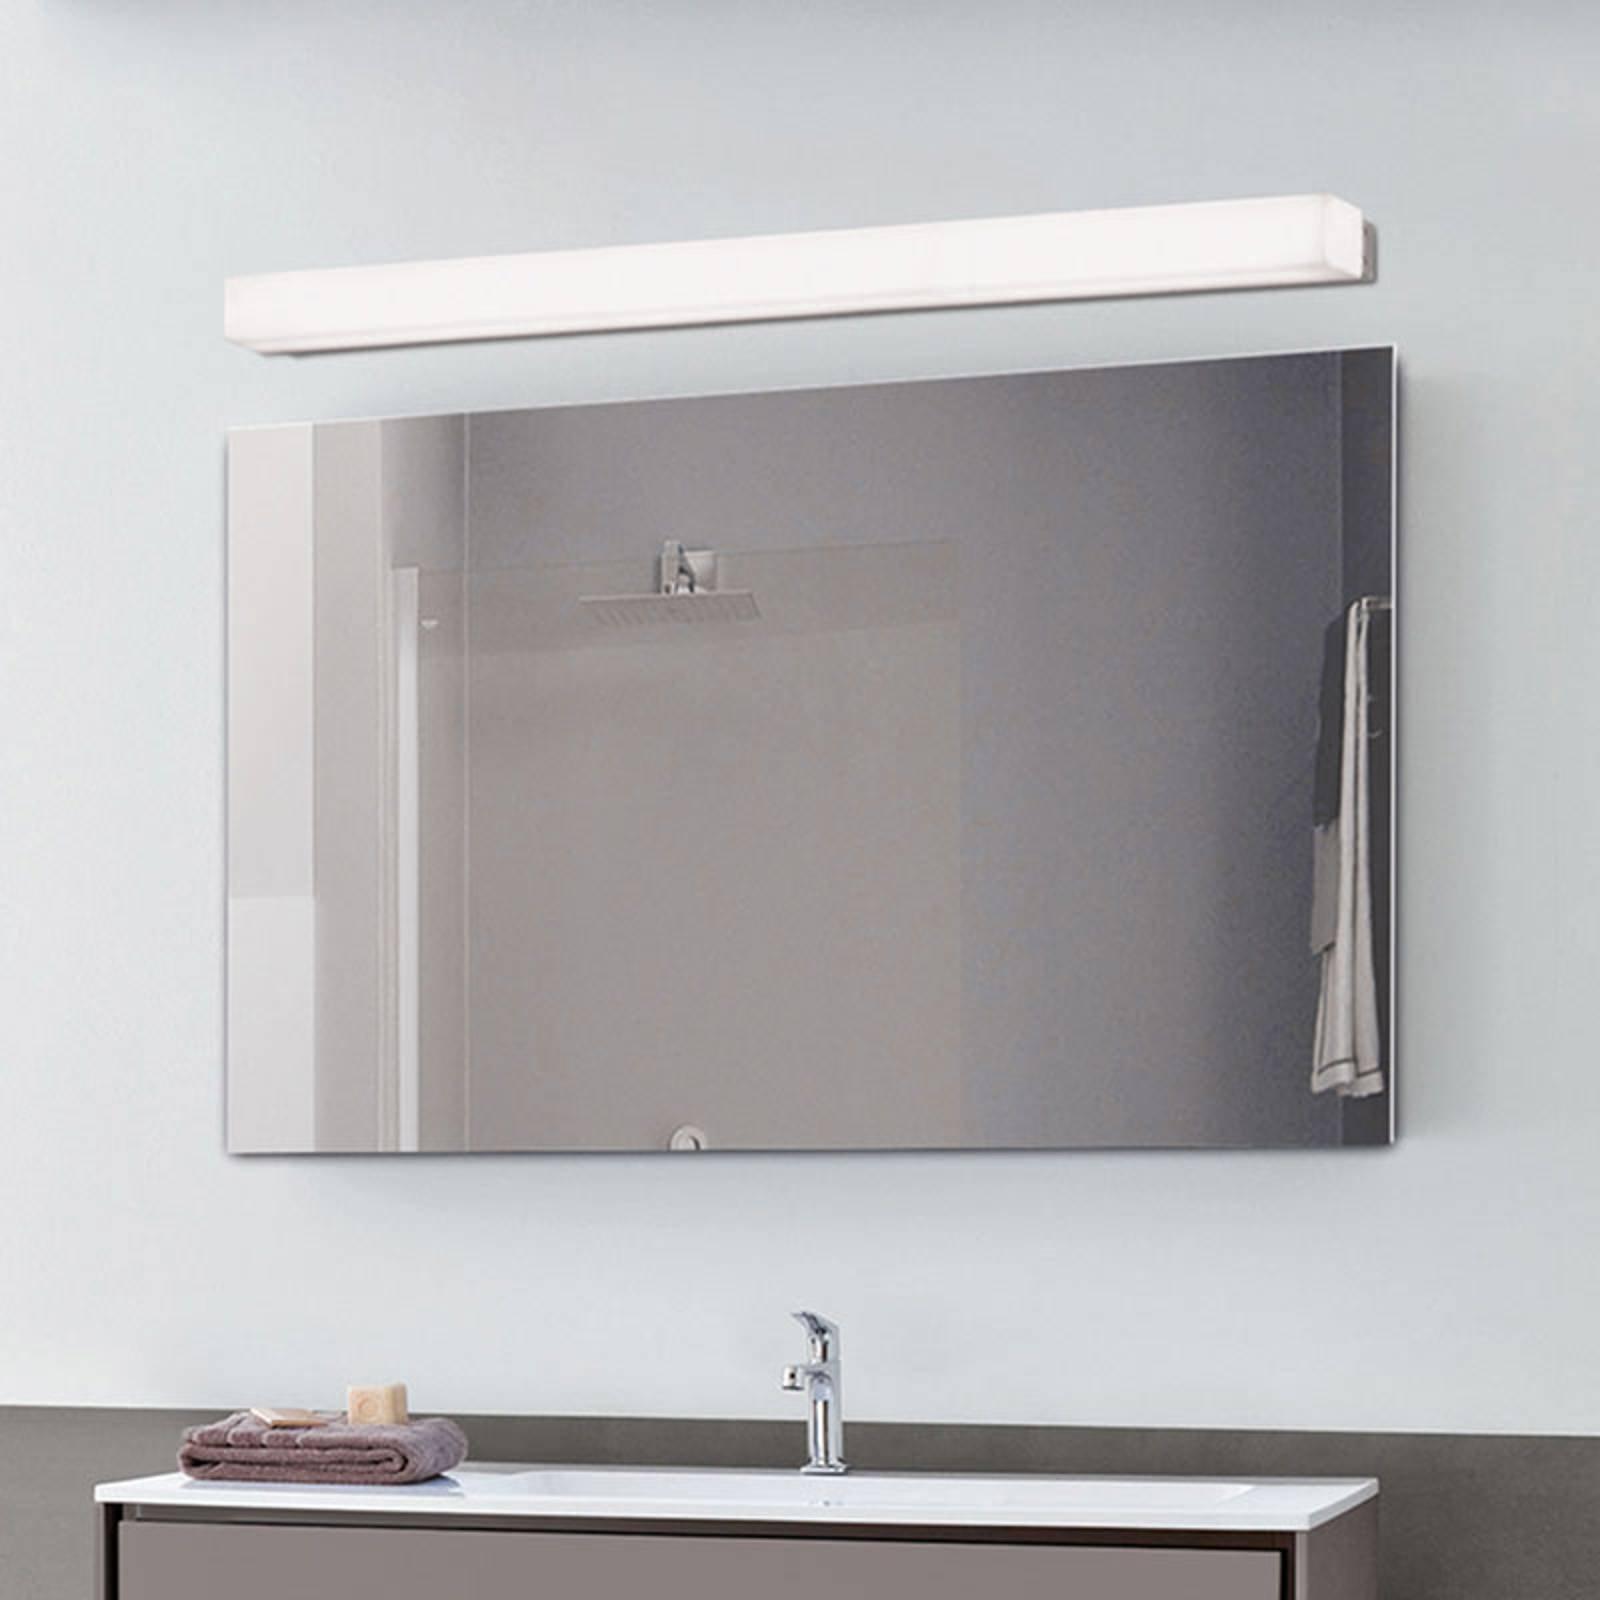 LED-vegglampe til bad Box, 3 000 K, bredde 89 cm